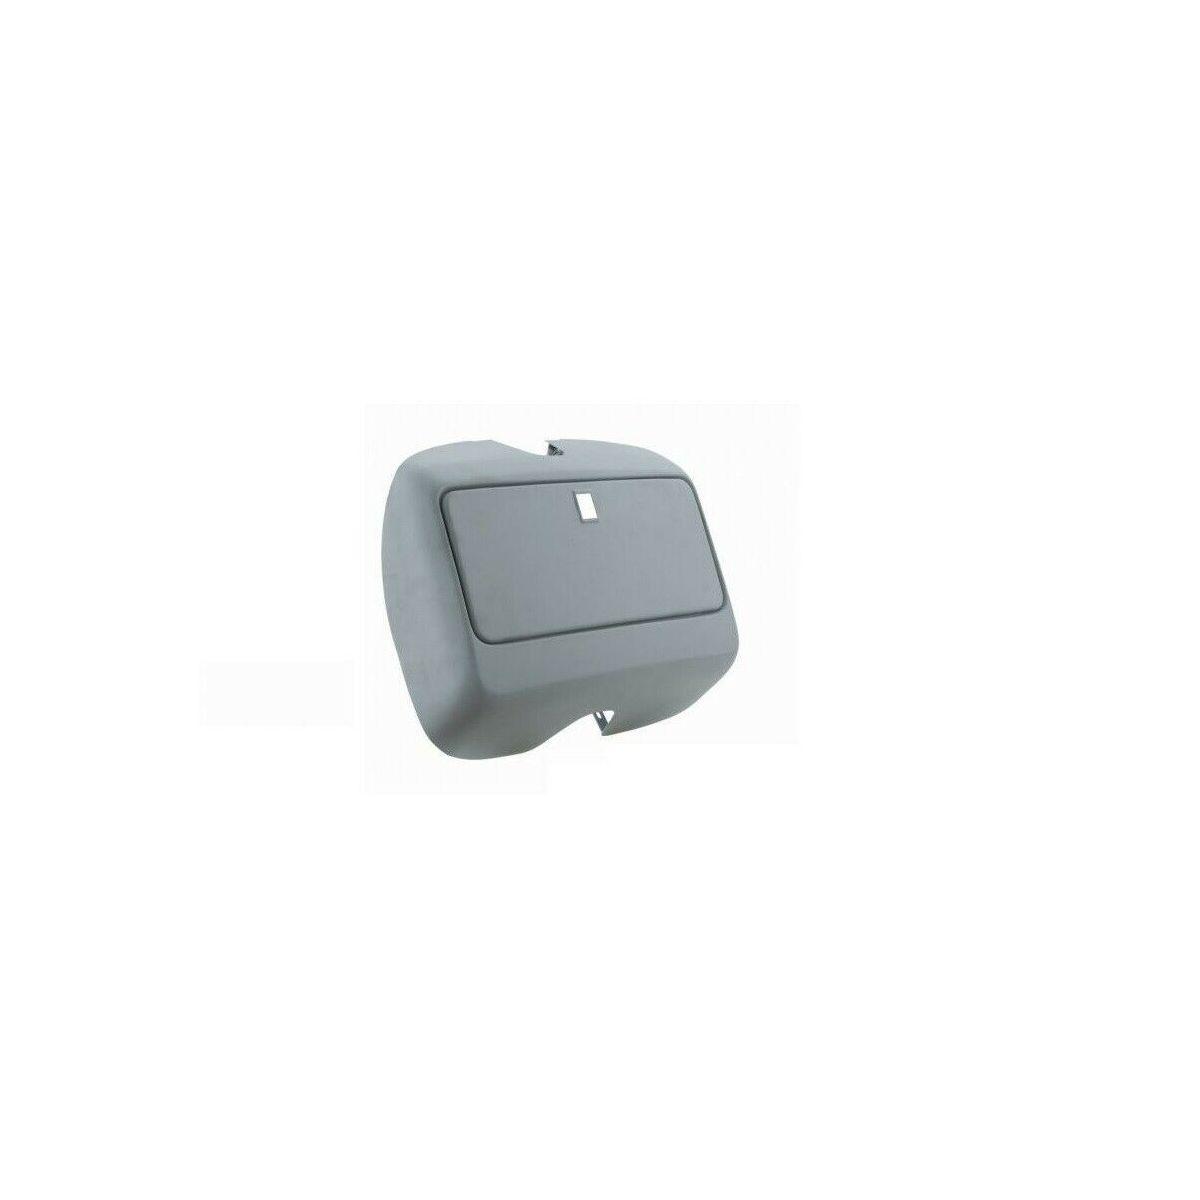 Bauletto porta oggetti cassettino anteriore per VESPA 80 125 150 200 PE PX